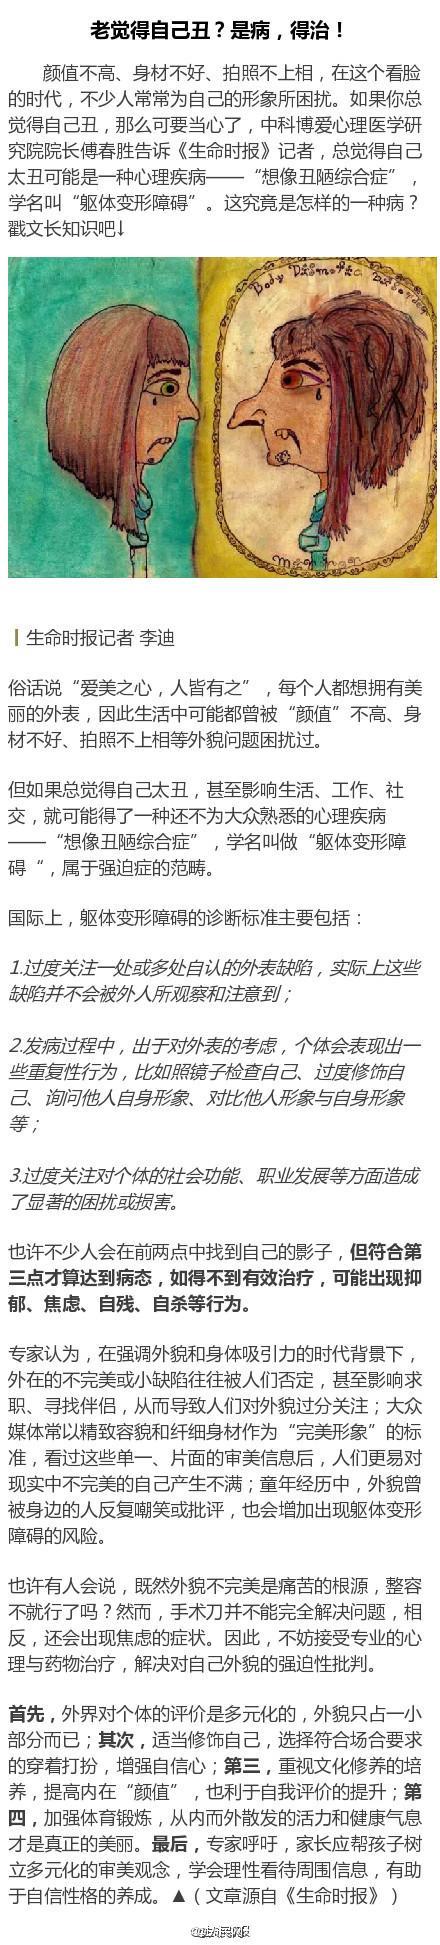 晨博社20160125:霸王级寒潮让你冰爽